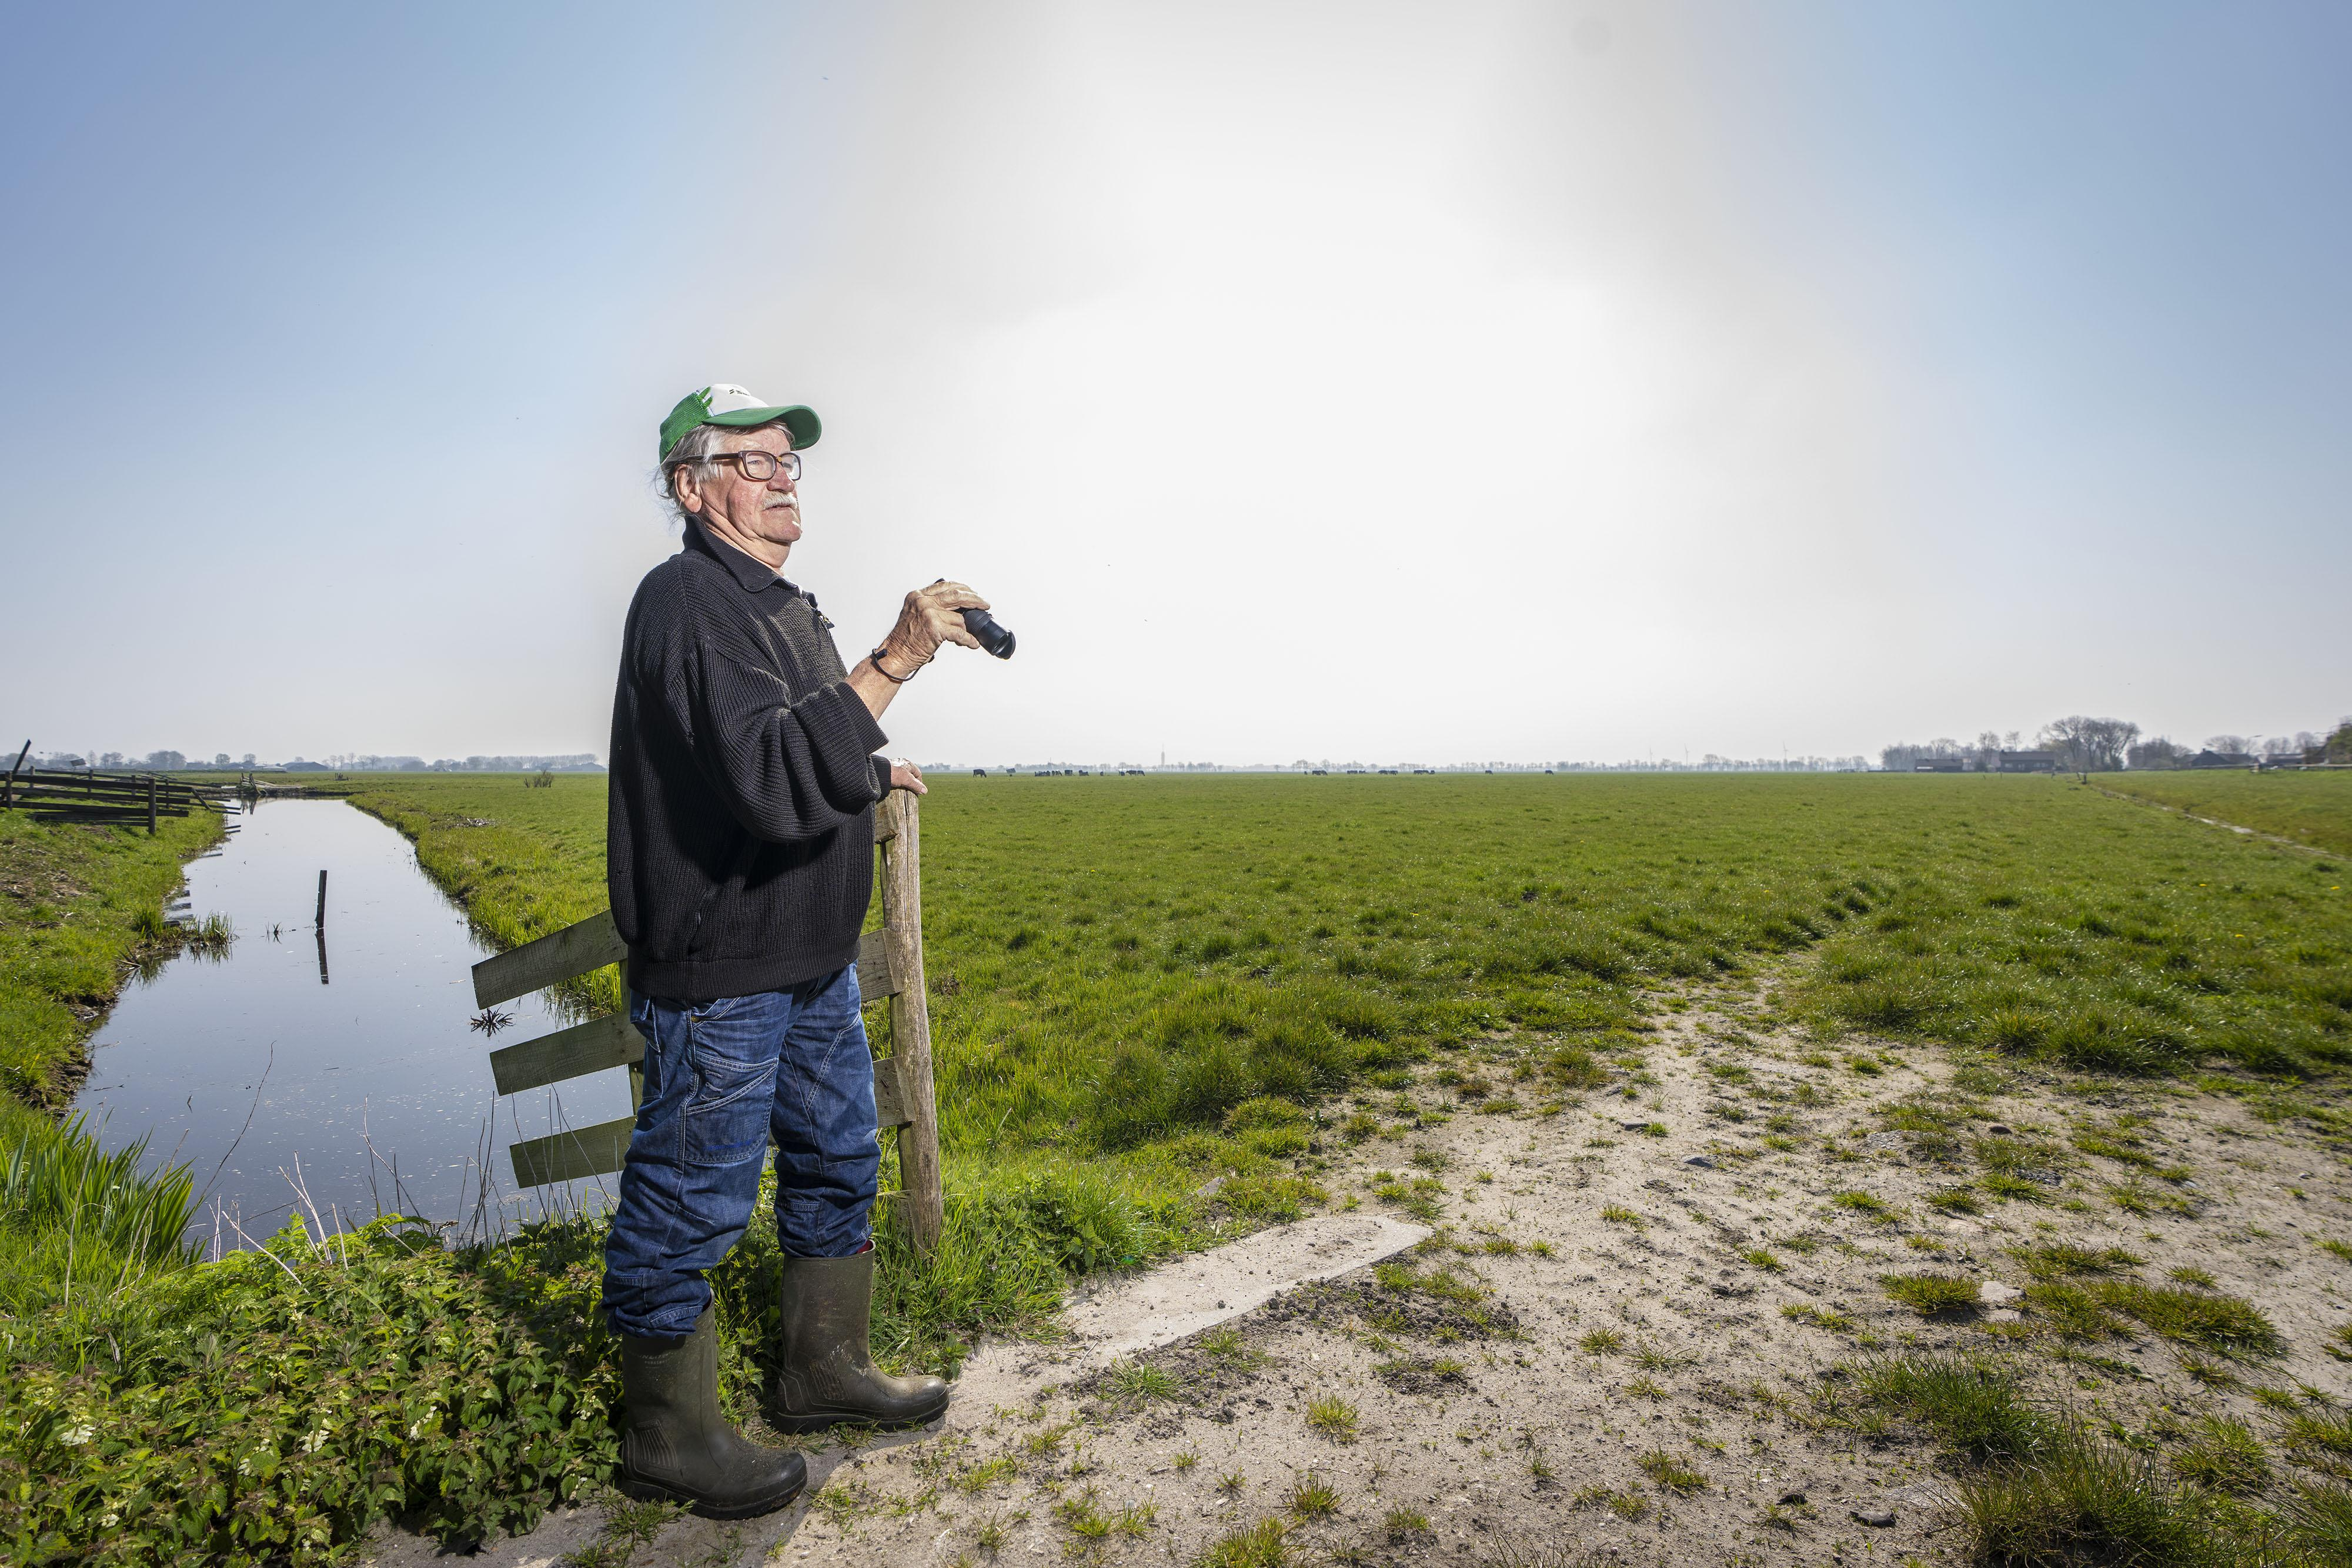 Loeren bij de boeren: 'Het is zoveel leuker geworden sinds wij biologisch werken'